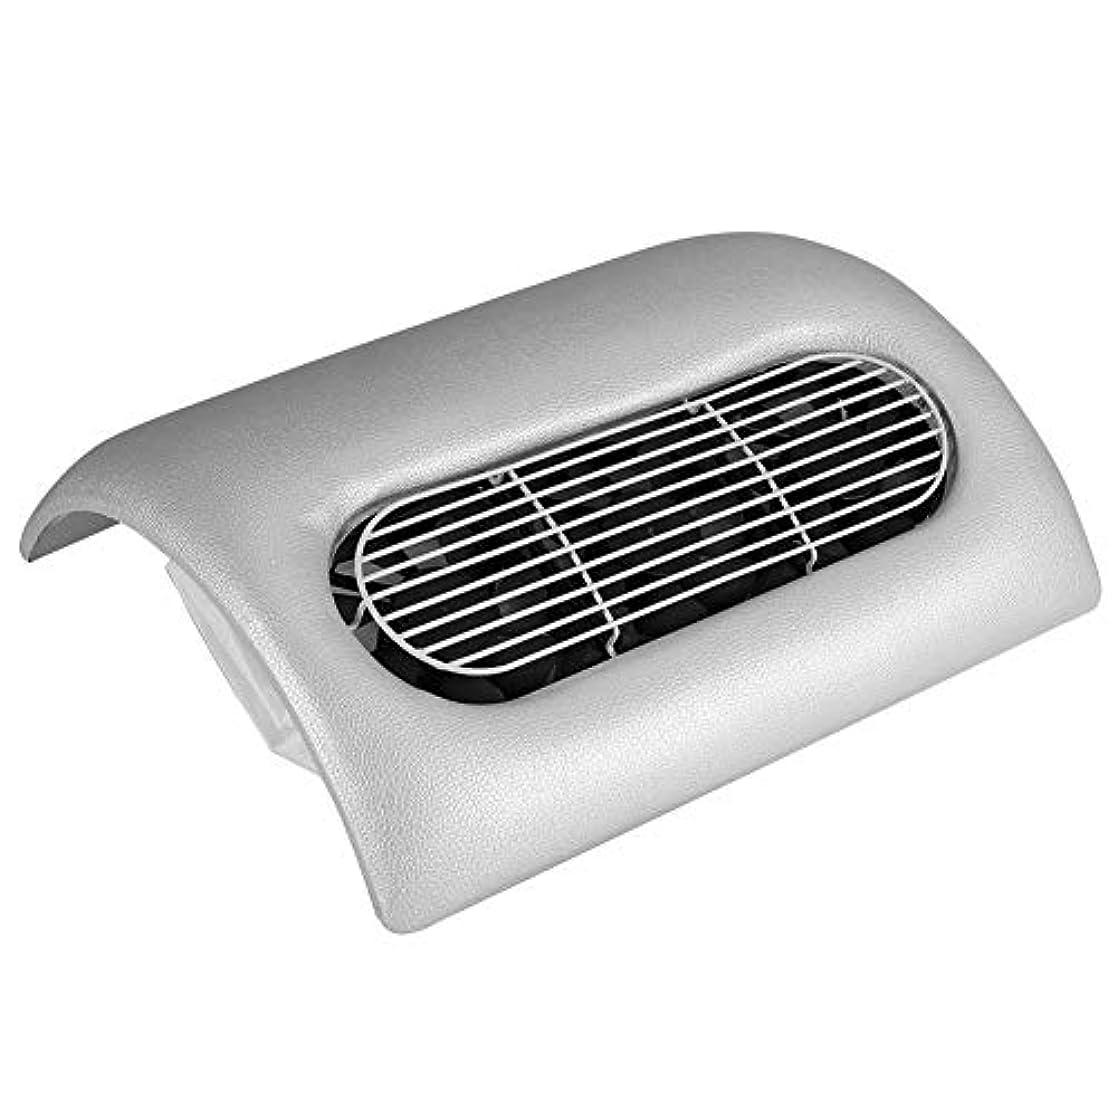 対象形容詞引っ張るネイルダスト掃除機,ネイルダストクリーナー3色ー2-IN-1強力なネイルアート集塵機コレクターマニキュア掃除機 (Silver)